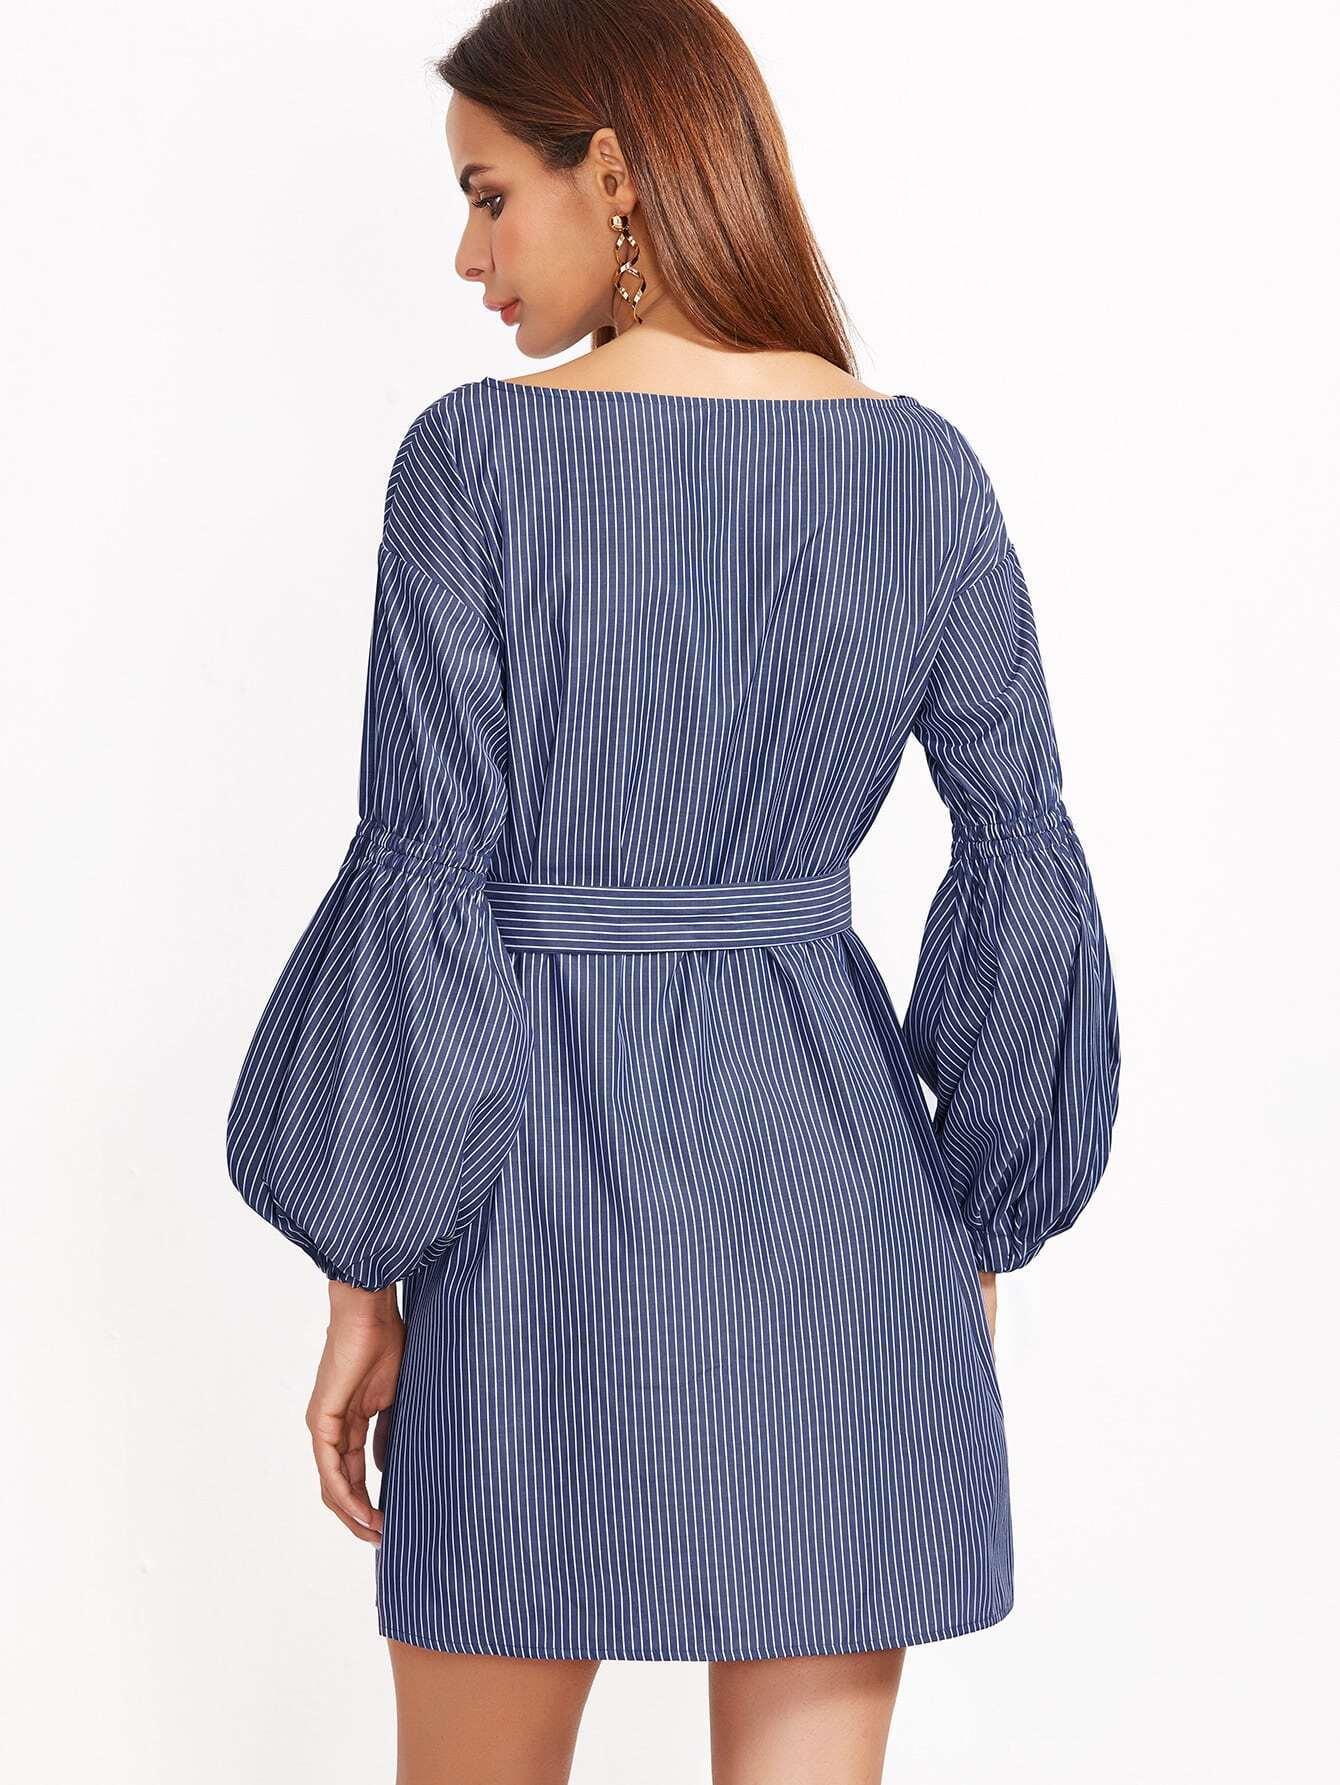 dress161117715_2